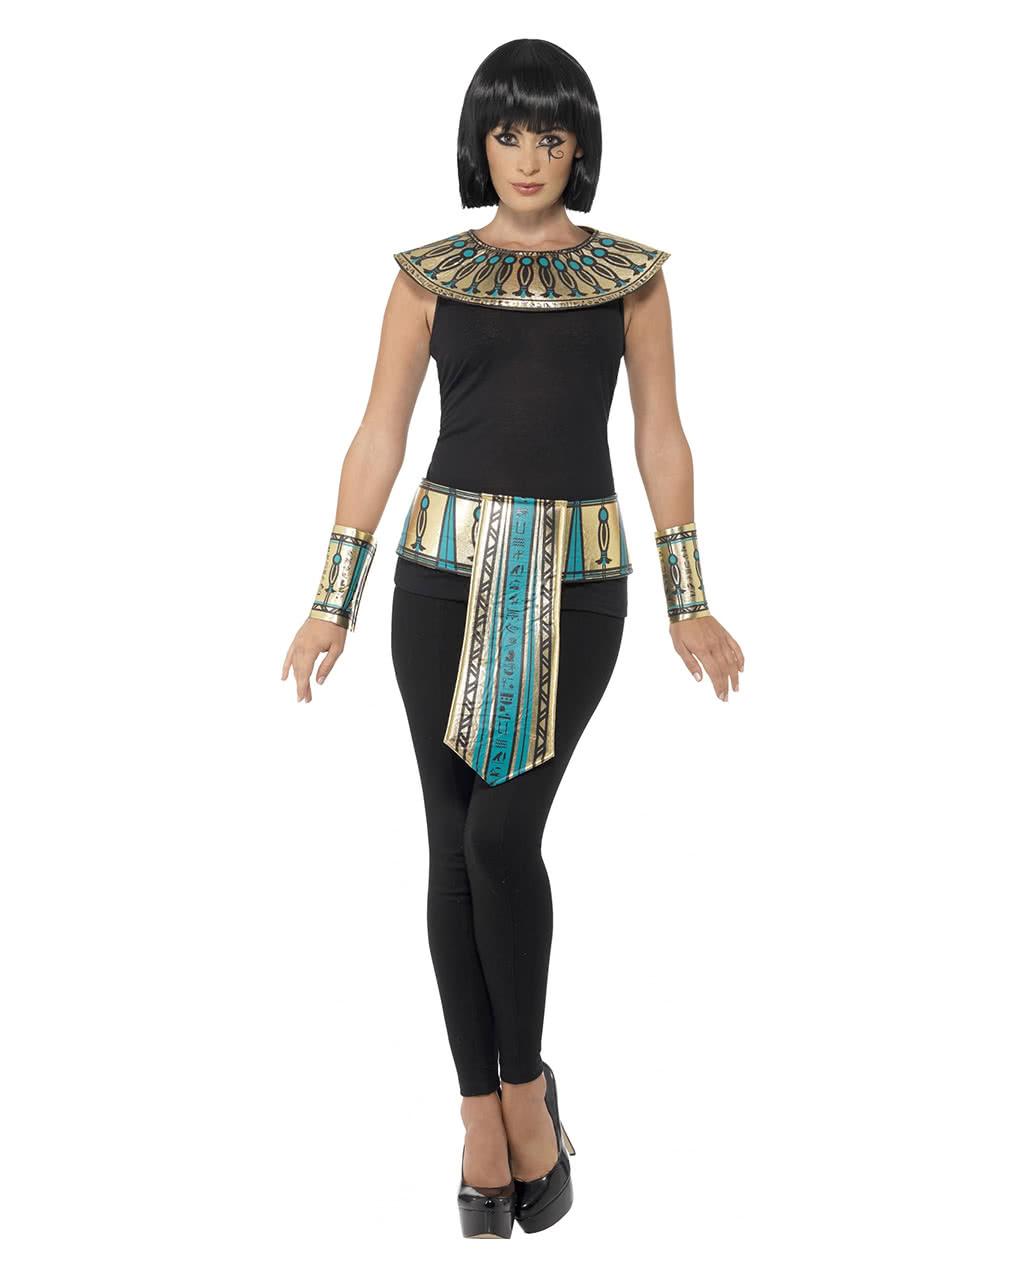 Agyptisches Kostum Set 4 Teilig Kleopatra Verkleidungs Zubehor